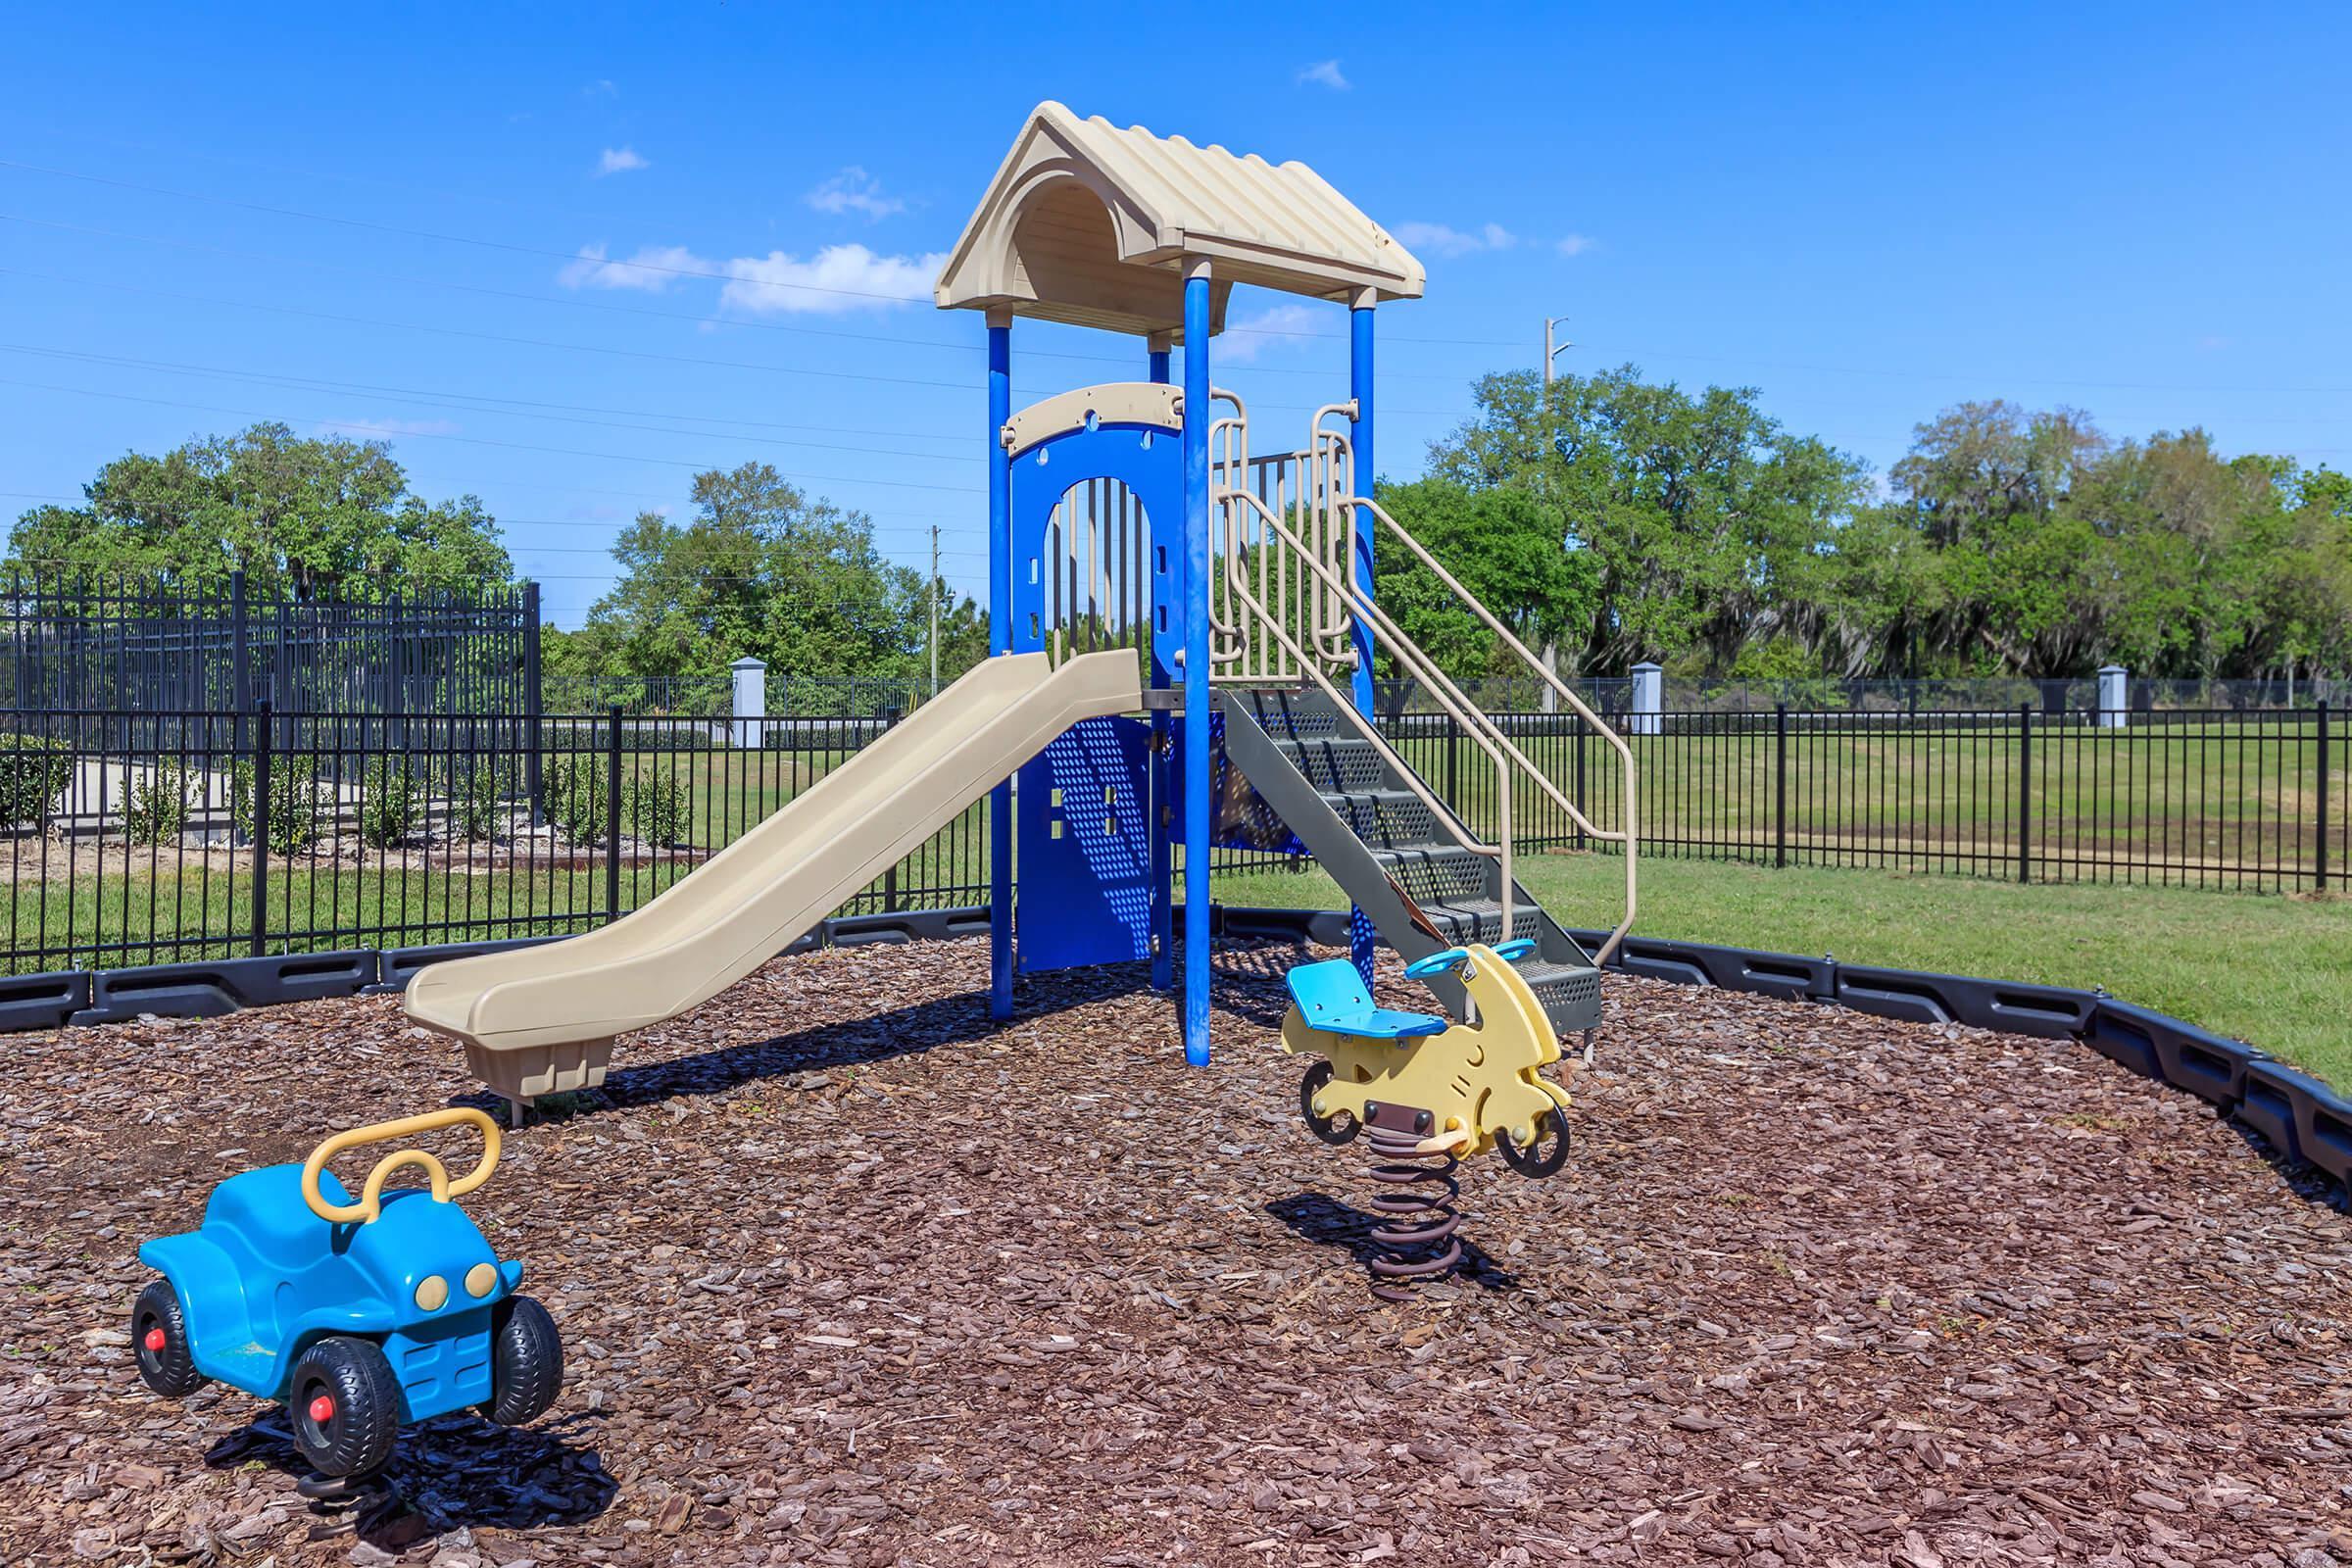 a playground with a blue umbrella